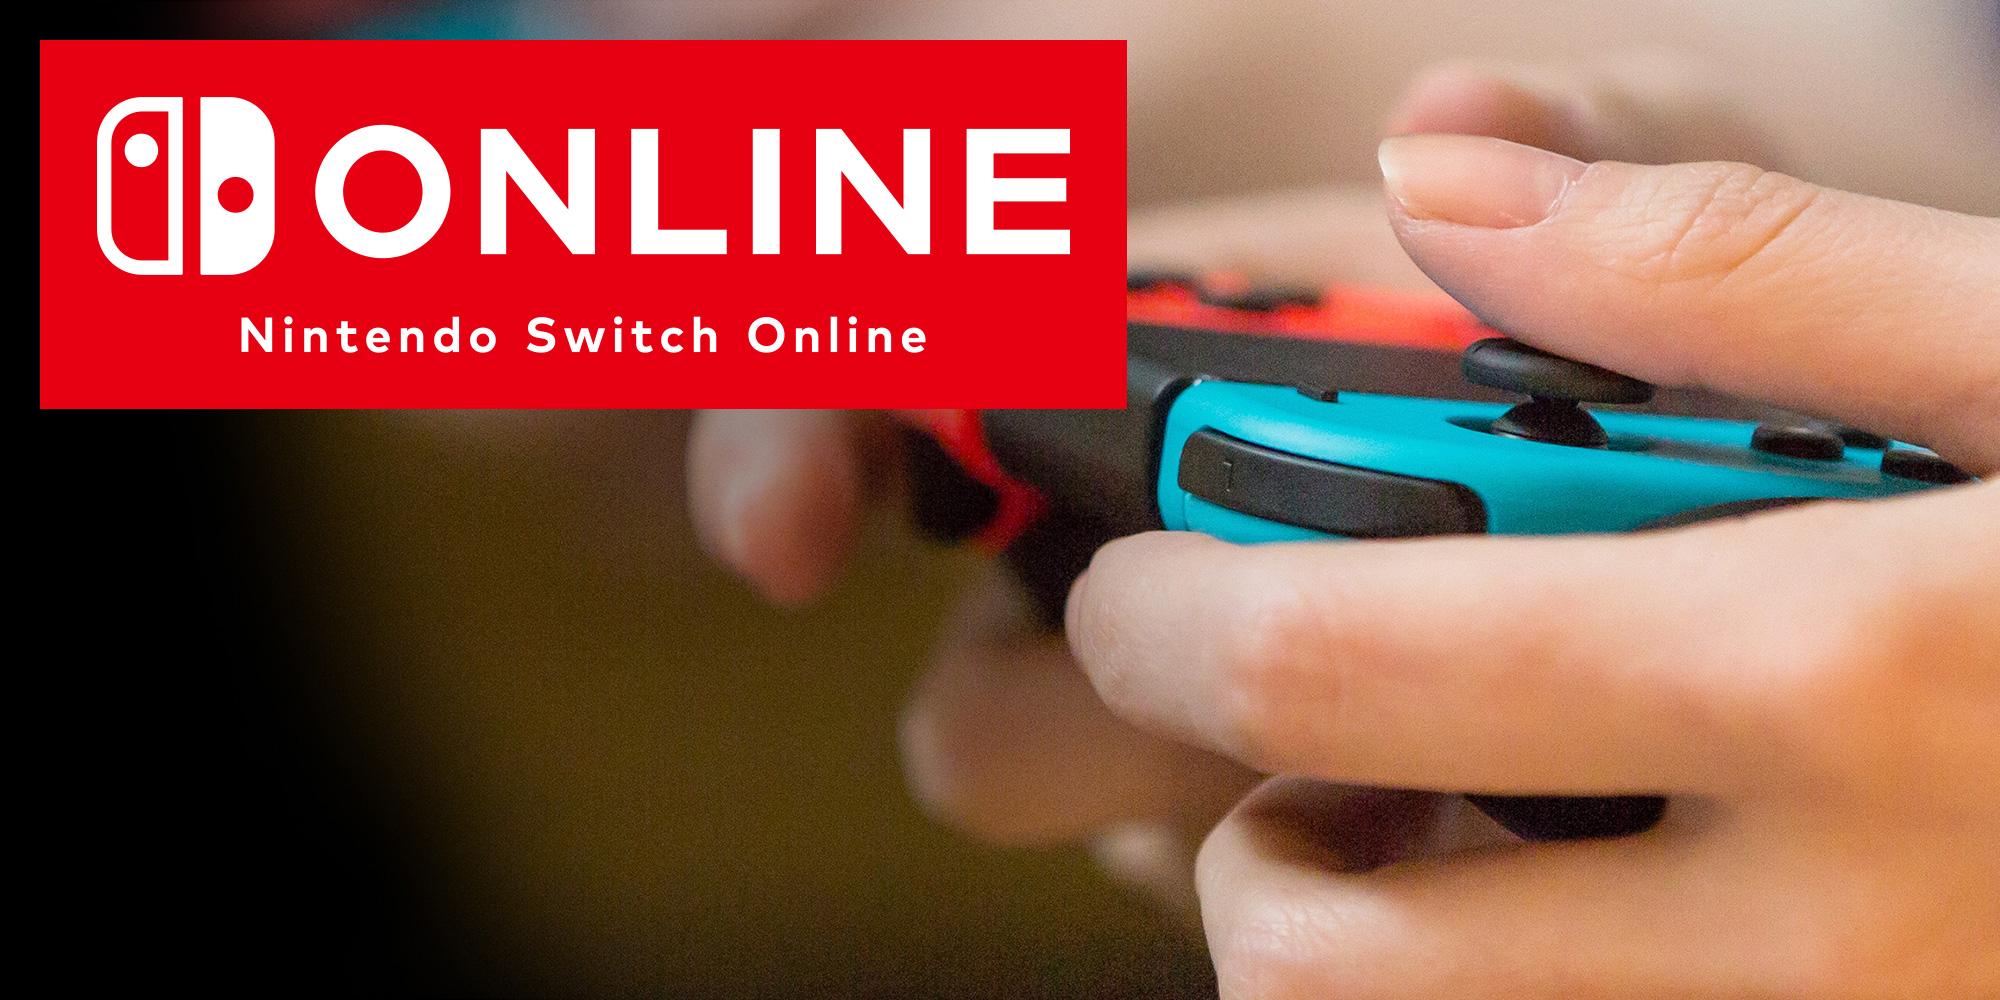 🔥 Bon plan : 12 mois d'abonnement Nintendo Switch Online offerts avec Amazon Prime